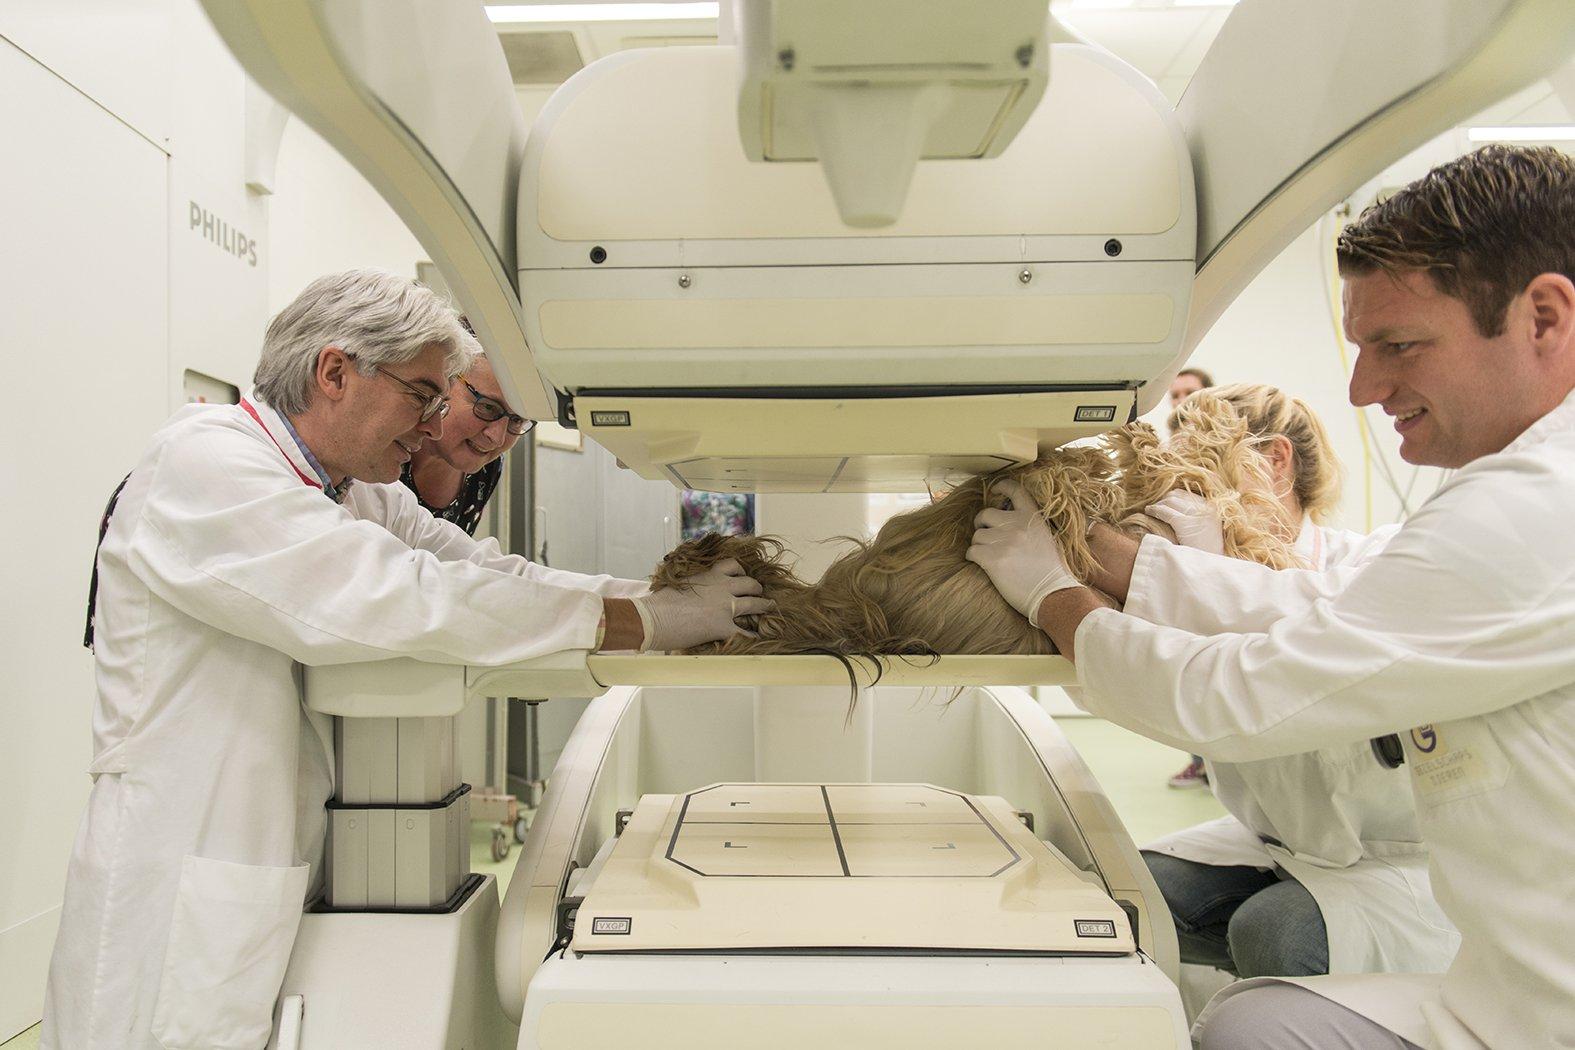 Hans Kooistra (links in beeld) behandelt een patiënt met schildklierproblemen